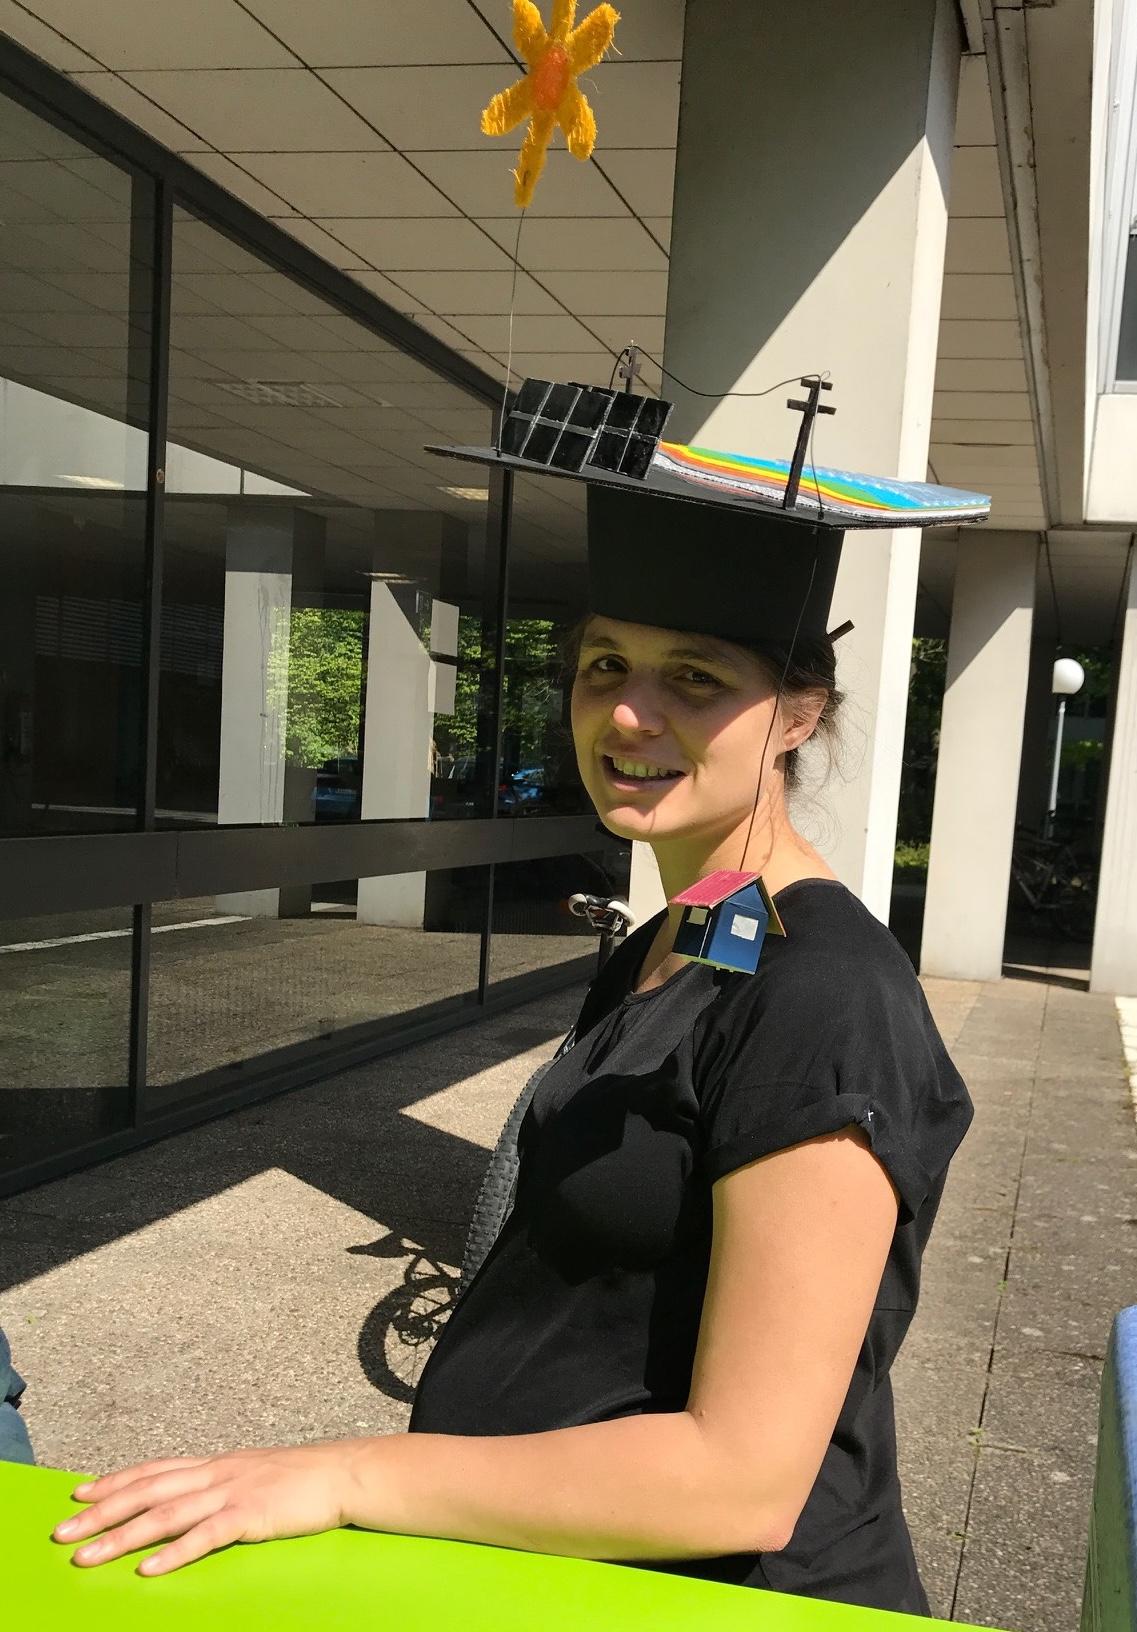 Bild von Veronika - hochschwanger am Tag ihrer Doktorprüfung mit gebasteltem Doktorhut